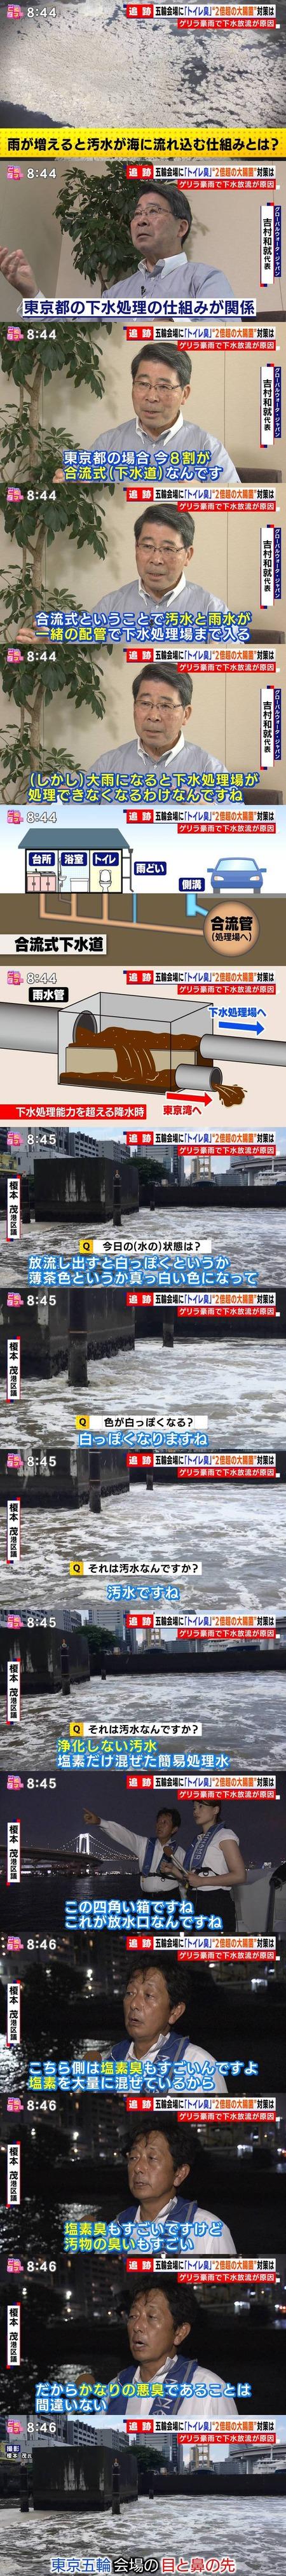 【悲報】東京湾、「ギャグ漫画の技名」のようなあだ名を付けられてしまうwwww